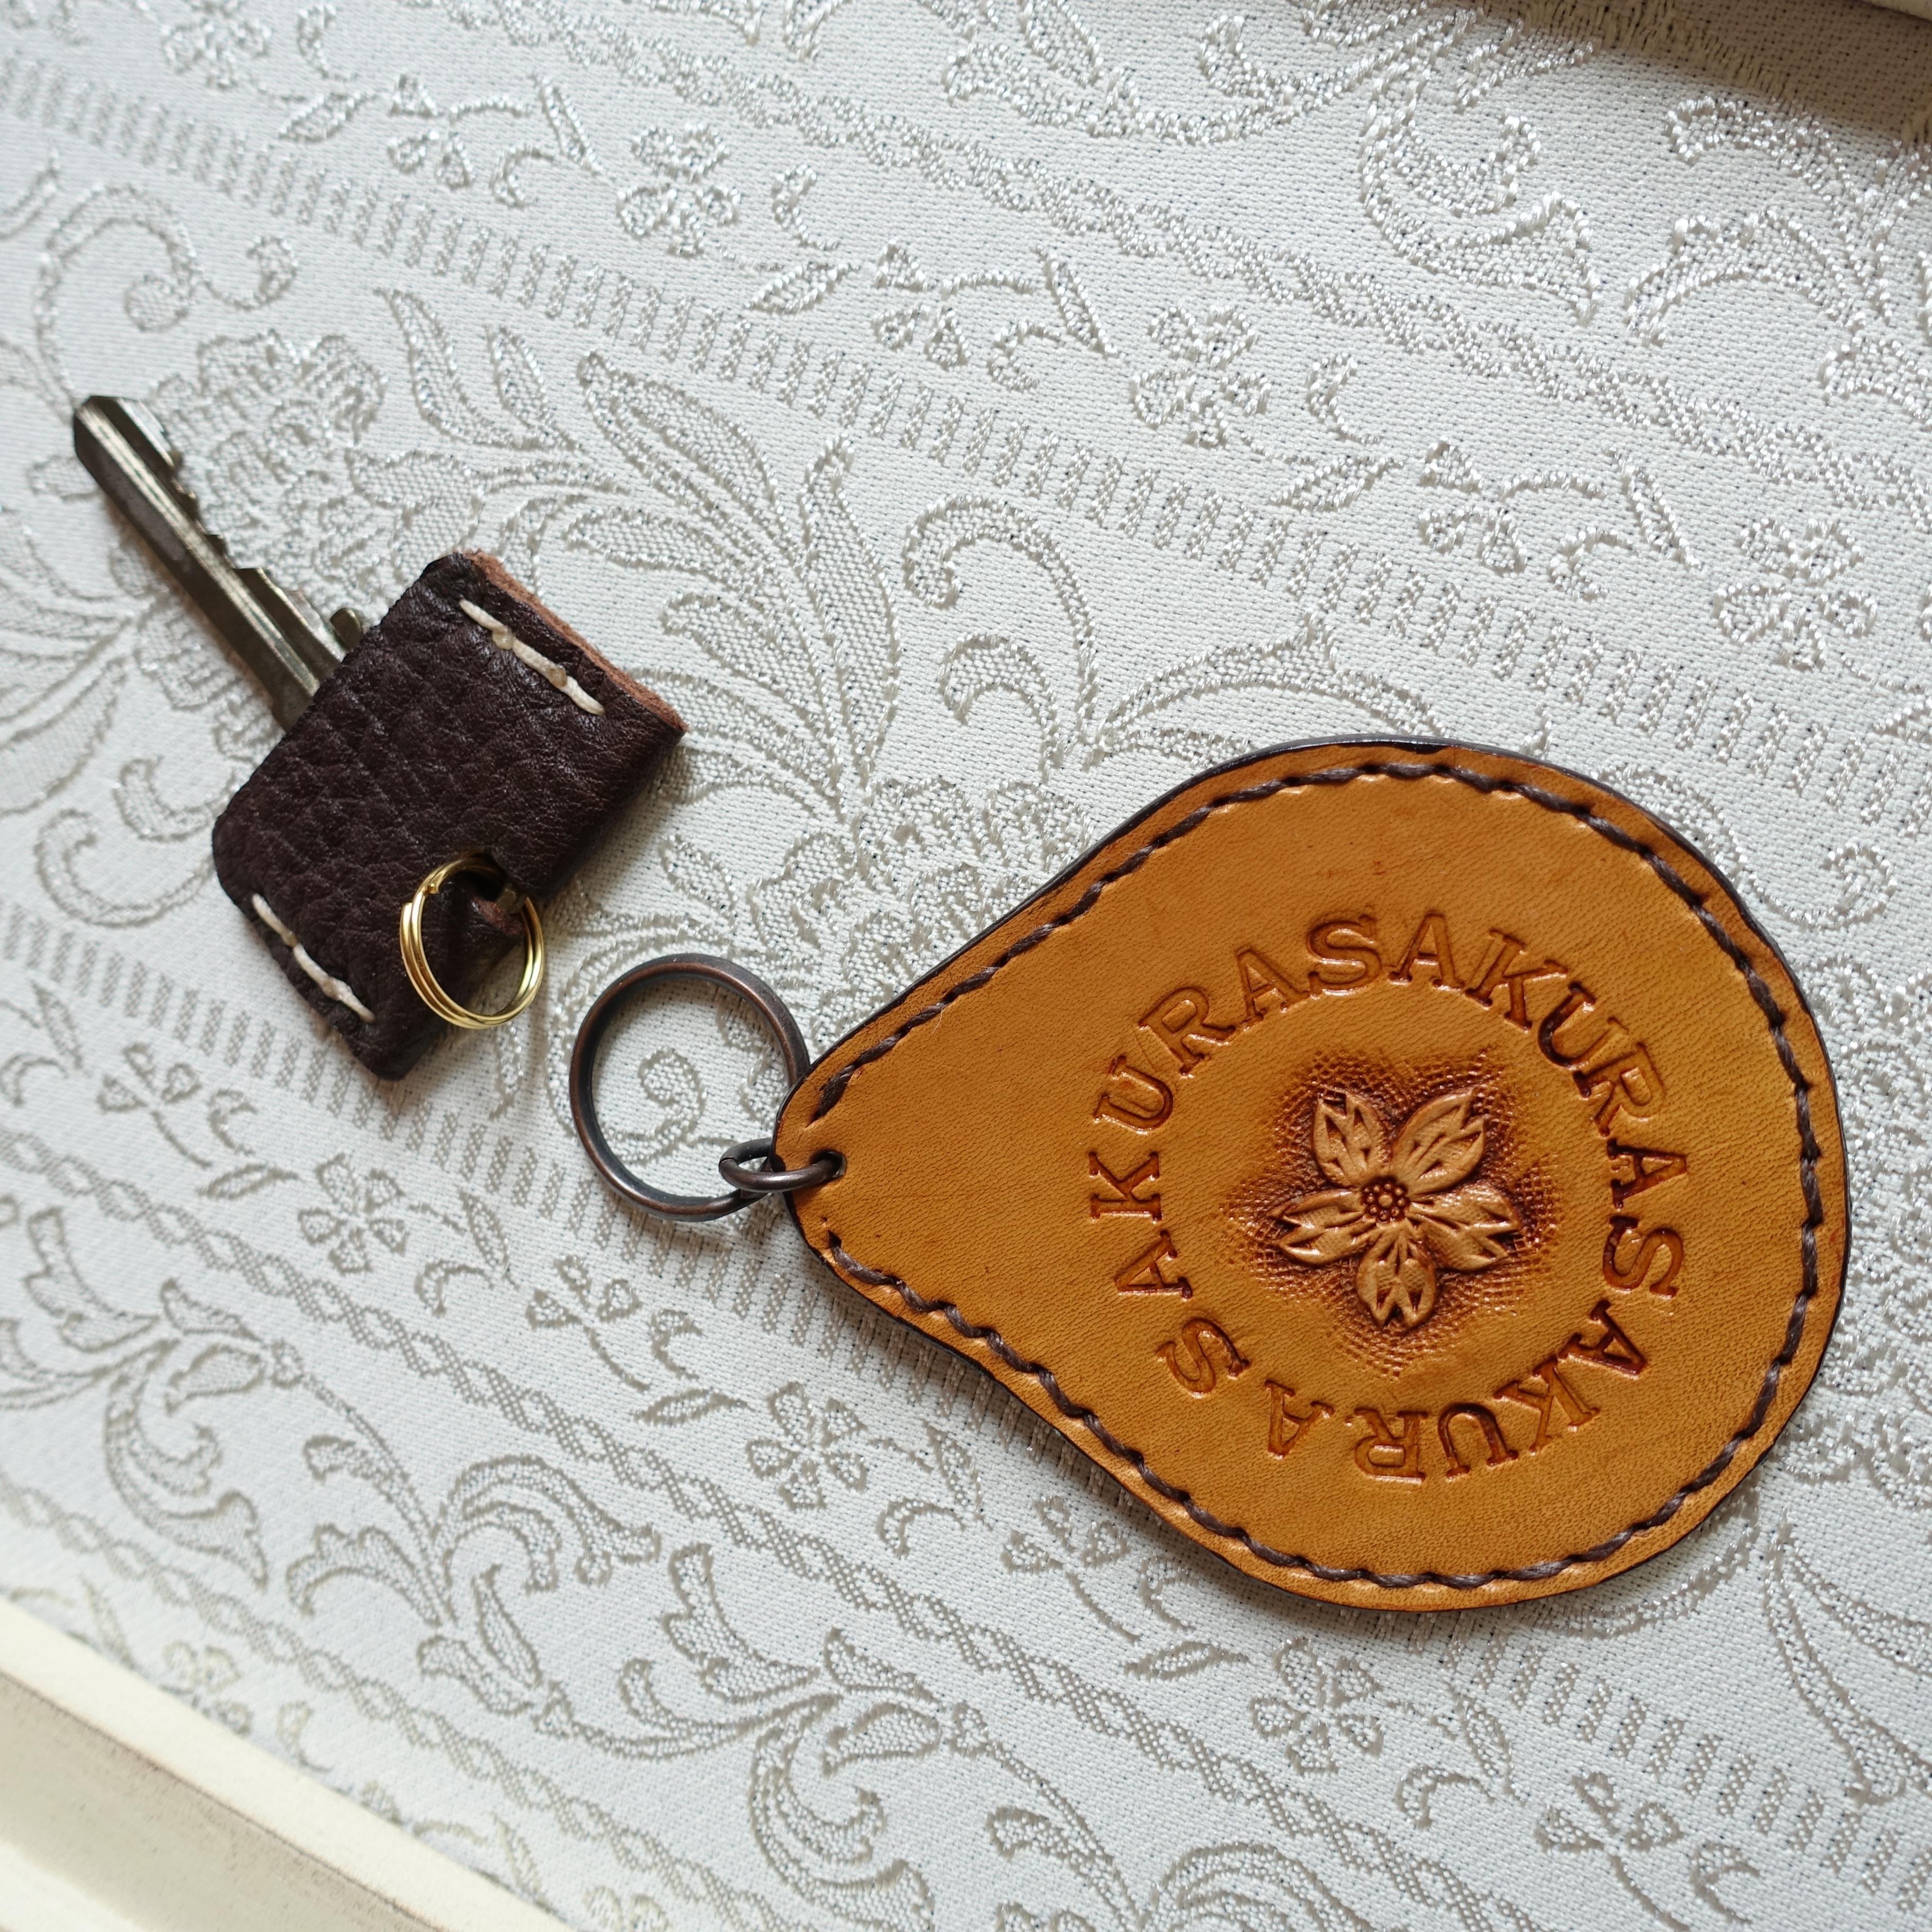 SALE! 革好きさんのためのカービングのキーホルダー/さくらB(送料無料)